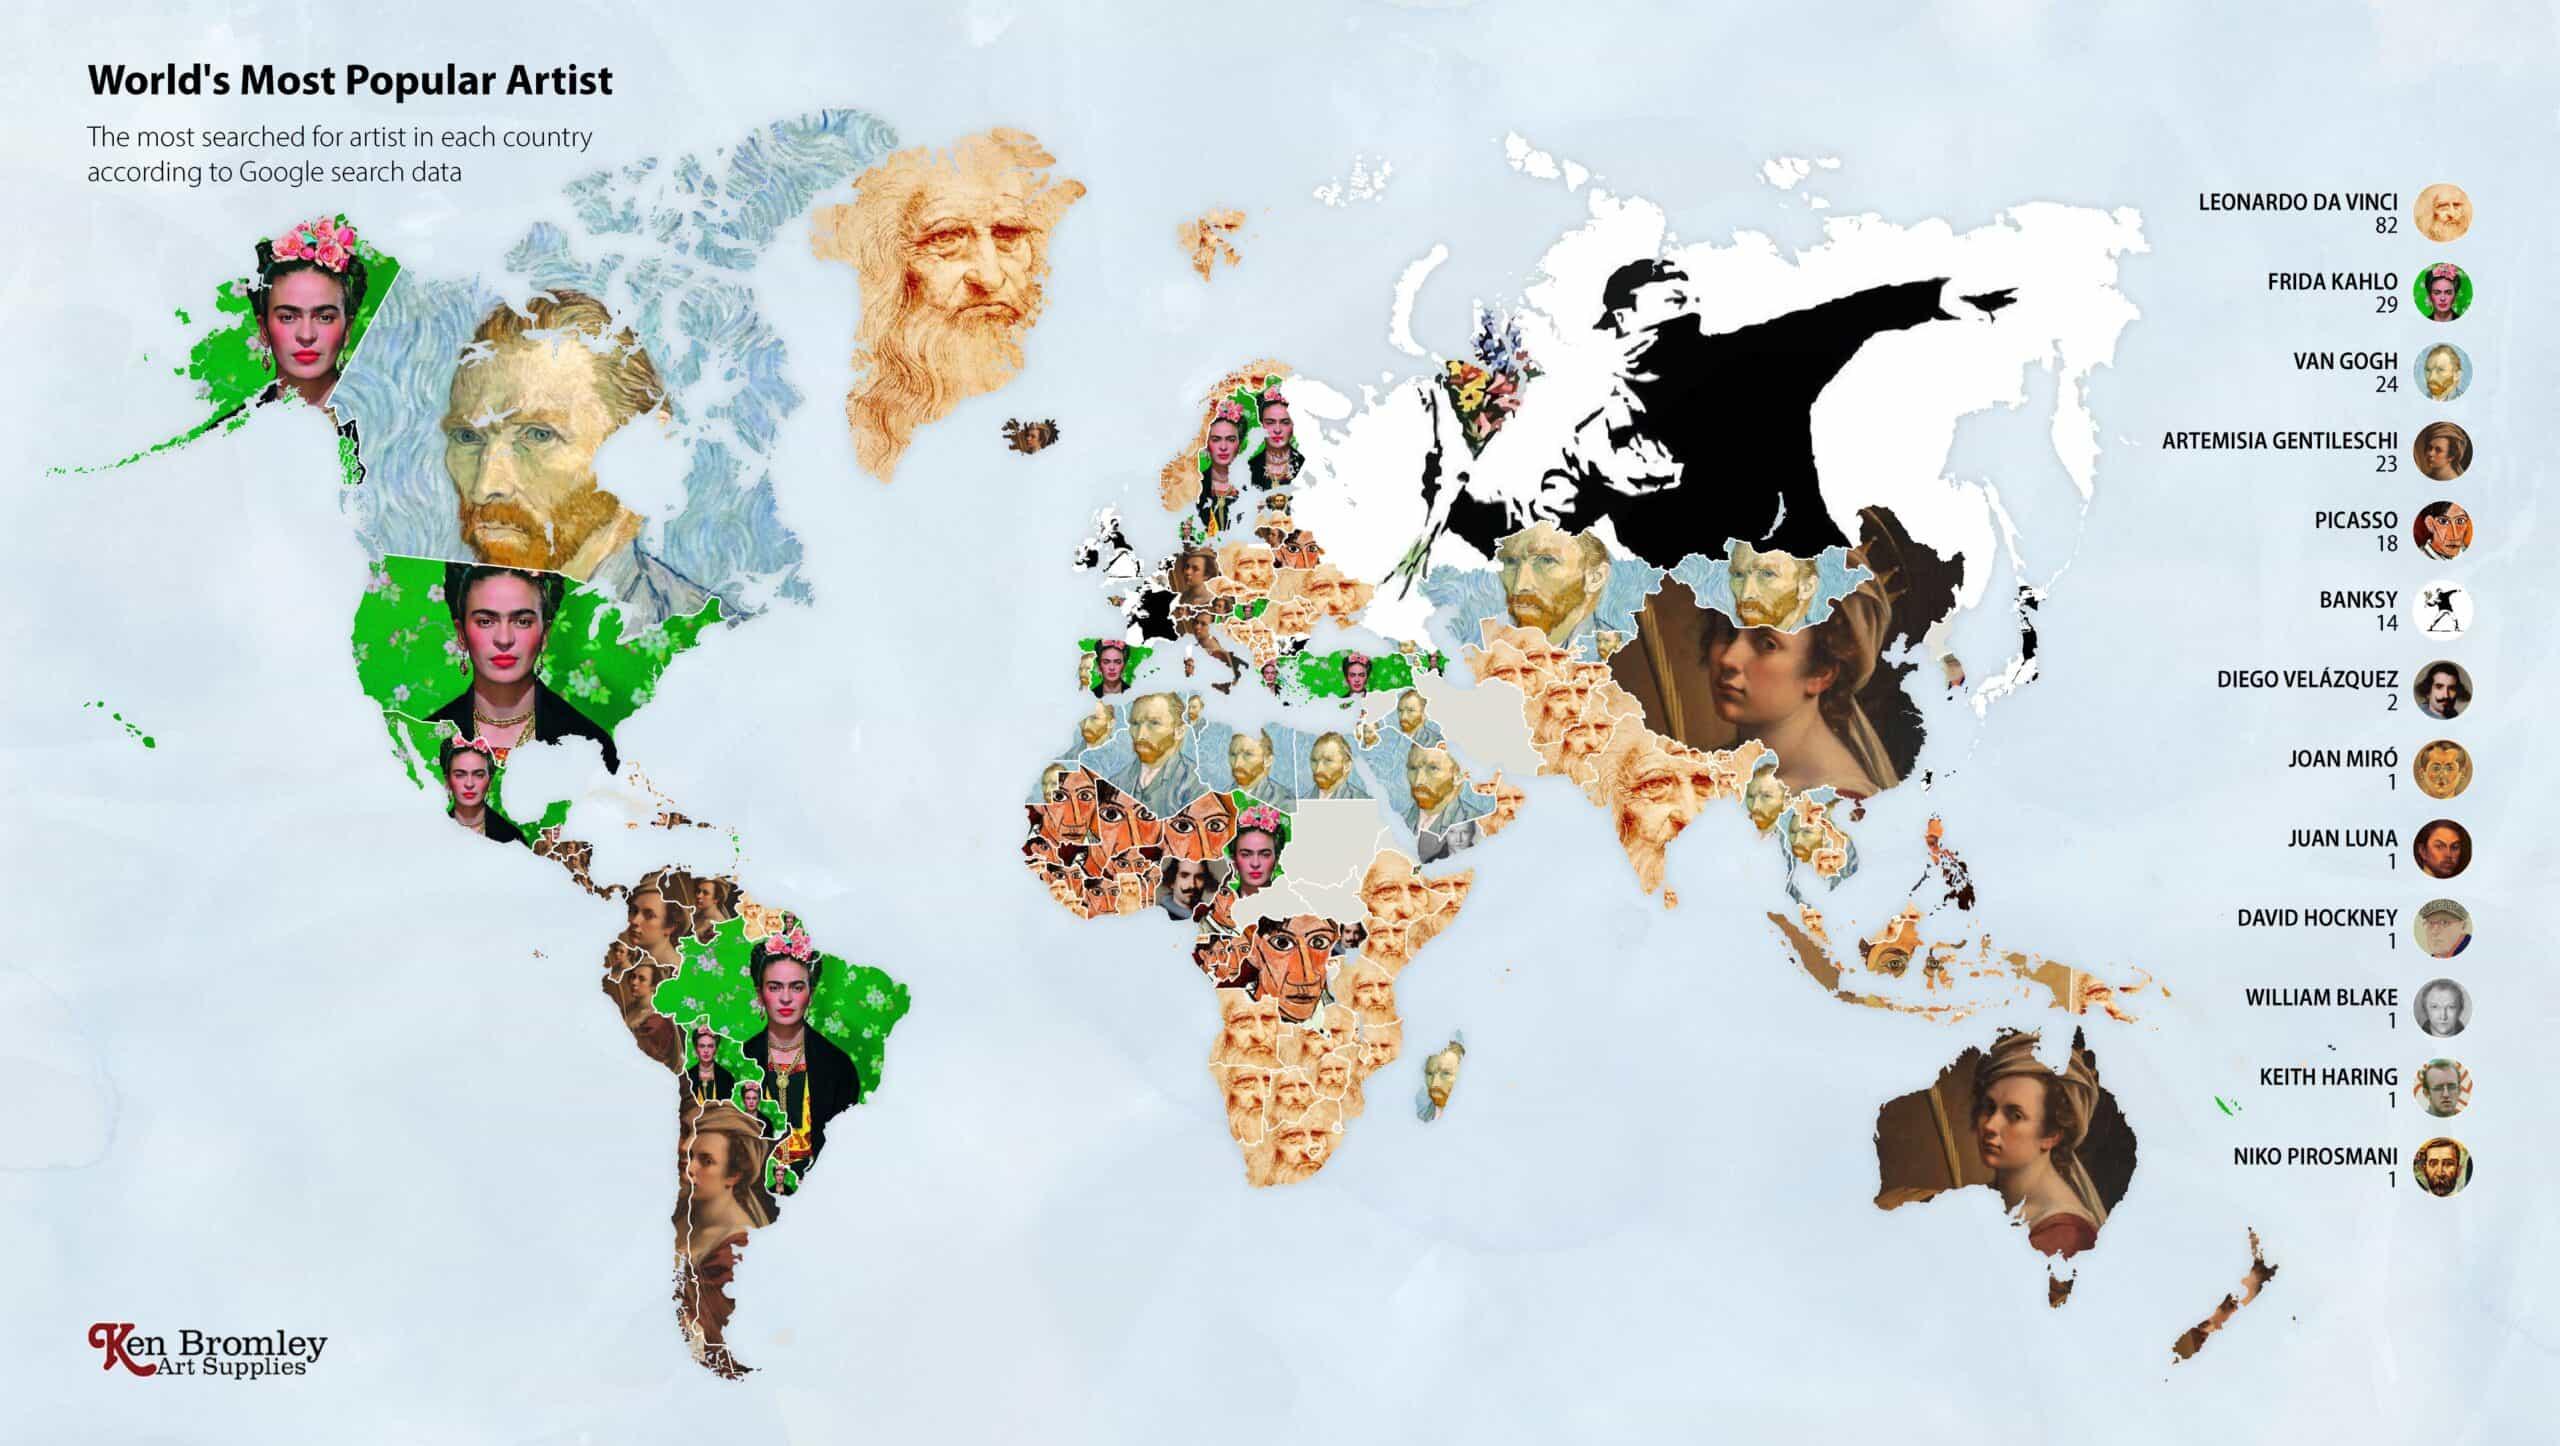 Impresionantes infografías muestran qué artista es más querido en su país